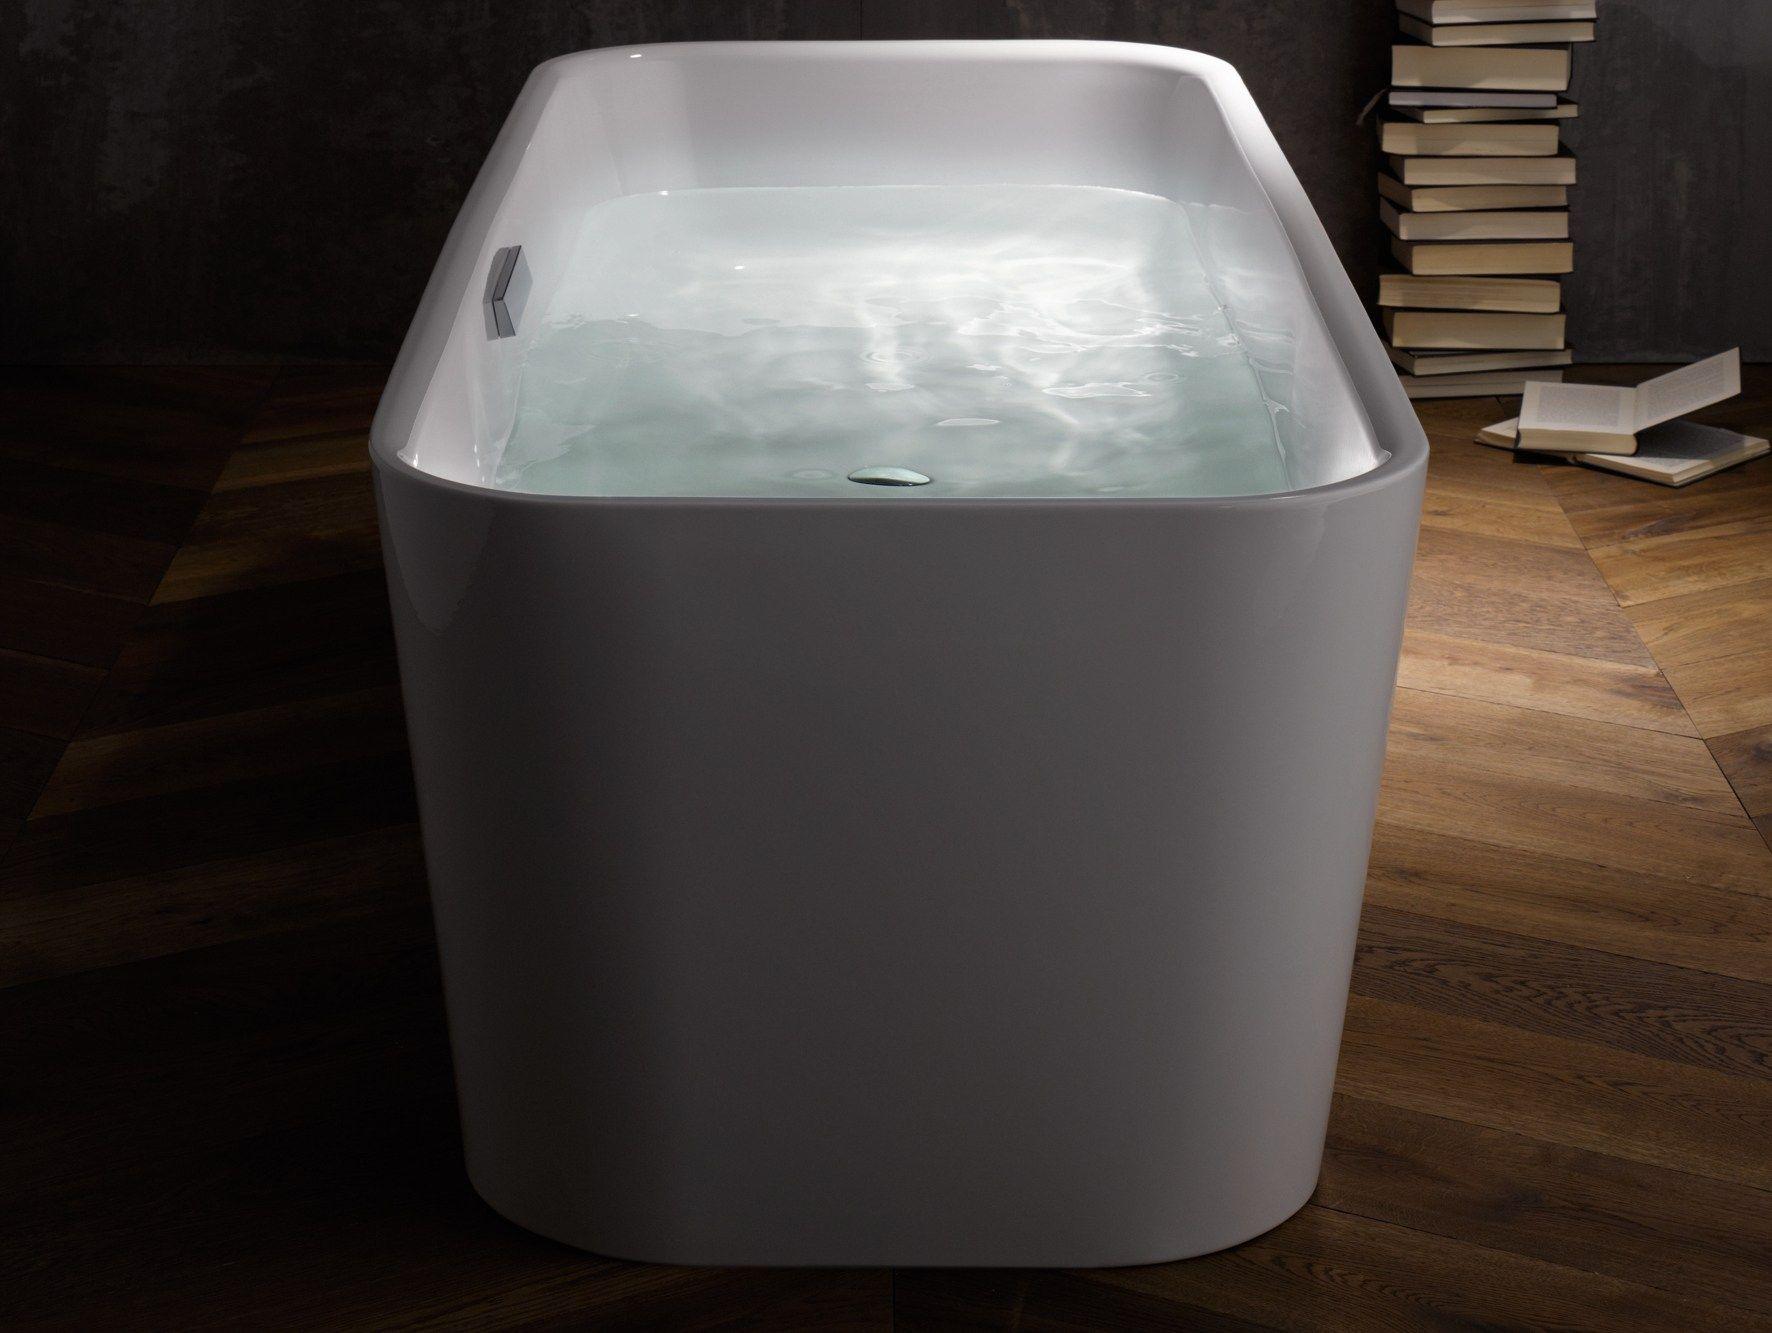 Vasca da bagno centro stanza in acciaio smaltato betteart by bette design tesseraux partner - Vasche da bagno in acciaio smaltato ...